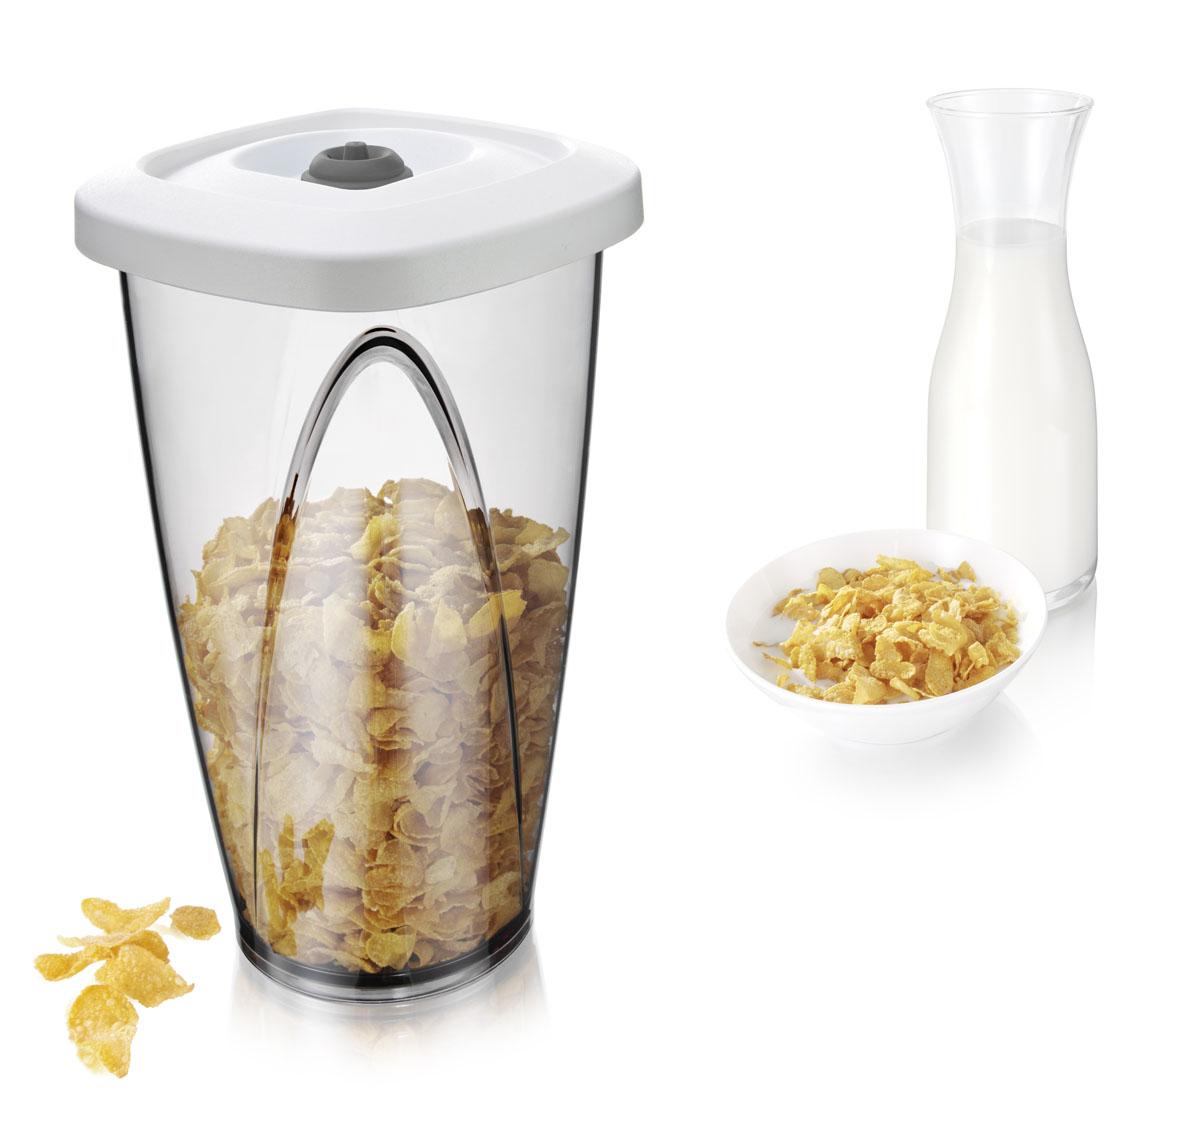 Вакуумный контейнер Tomorrows Kitchen Vacuum Container Large, цвет6 белый, 2,3 л28743606Под воздействием воздуха чай, кофе и другие сухие продукты быстро портятся, отсыревают, утрачивают свой вкус и аромат. Вакуумный насос отсасывает воздух из новой, большей по объему, емкости для хранения продуктов, создавая вакуум для оптимальных условий хранения. •Можно мыть в посудомоечной машине •Используется вместе с вакуумным насосом •Сохраняет вкус, защищает от отсырения •Подходит для сухих продуктов, таких как печенье, чипсы, орехи, кукурузные хлопья, кофе и чай